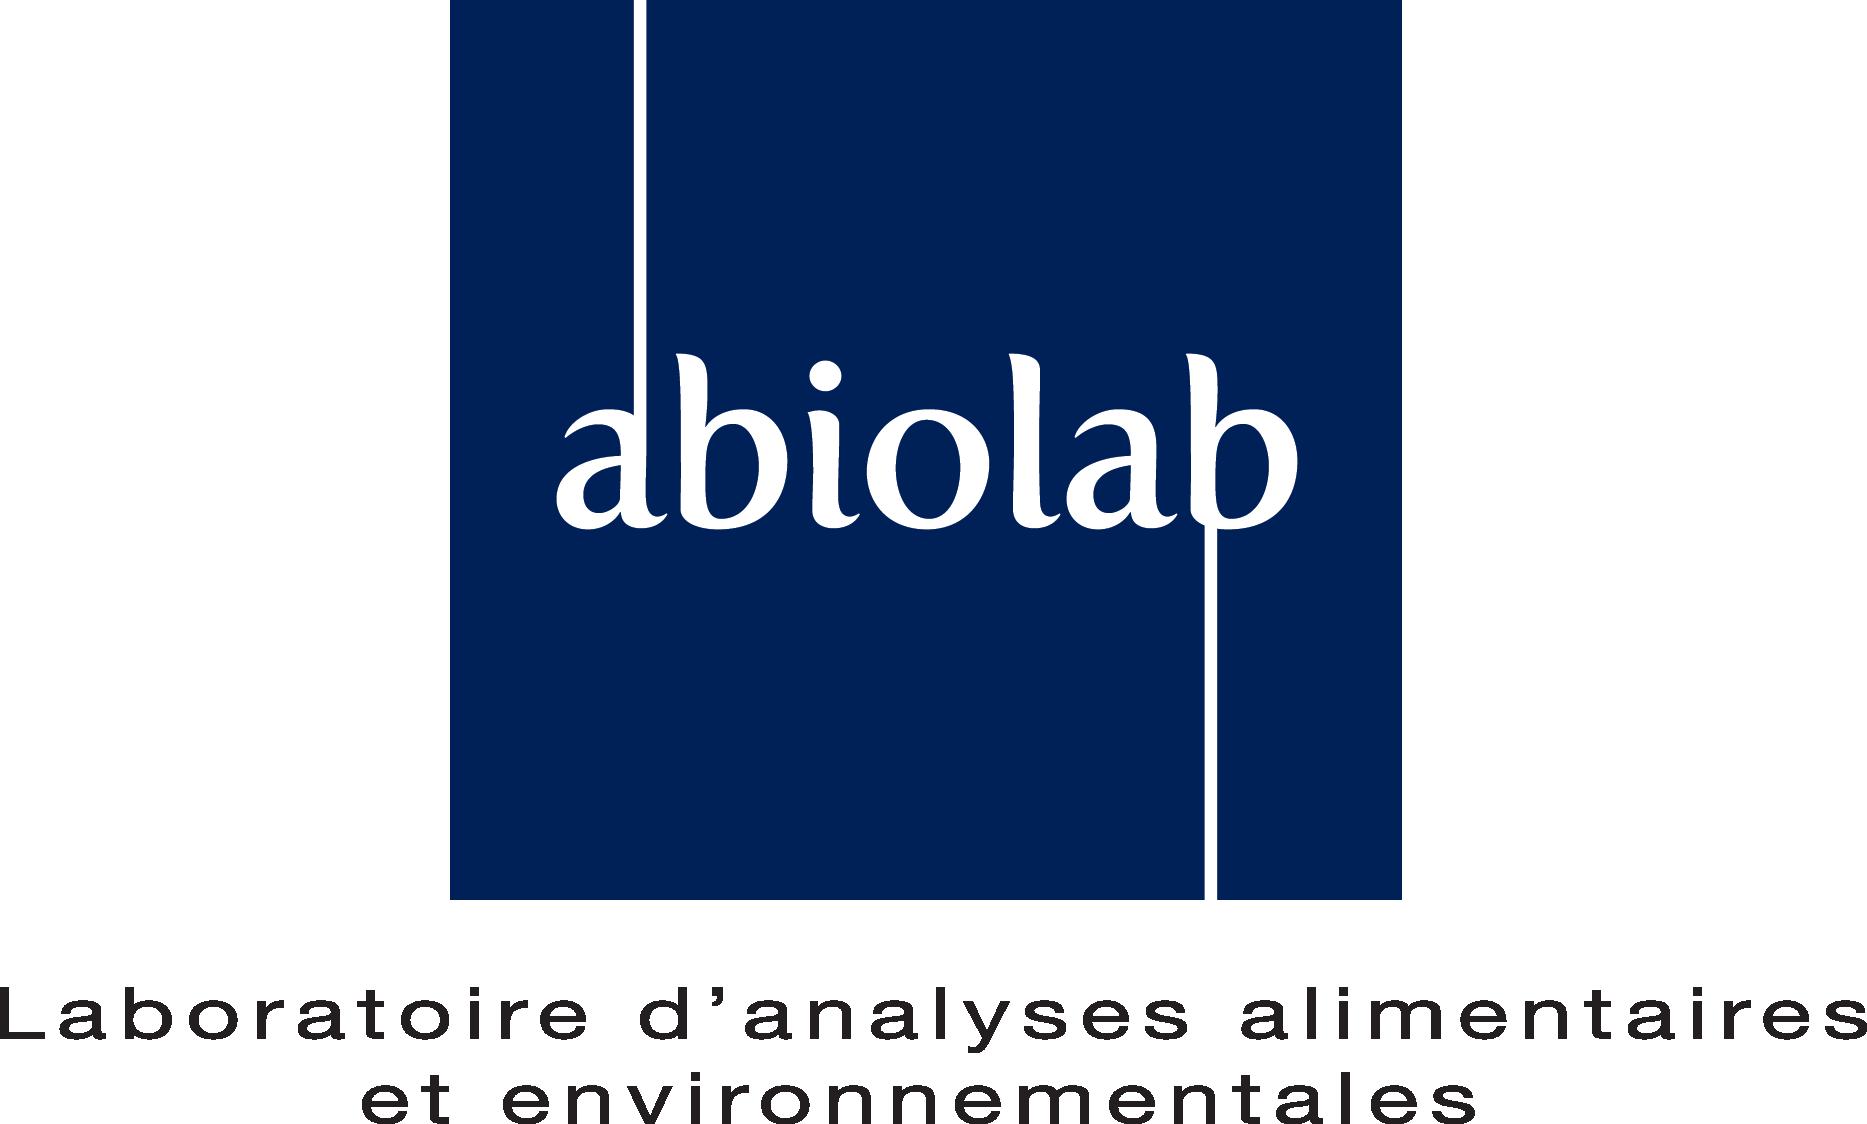 Abiolab